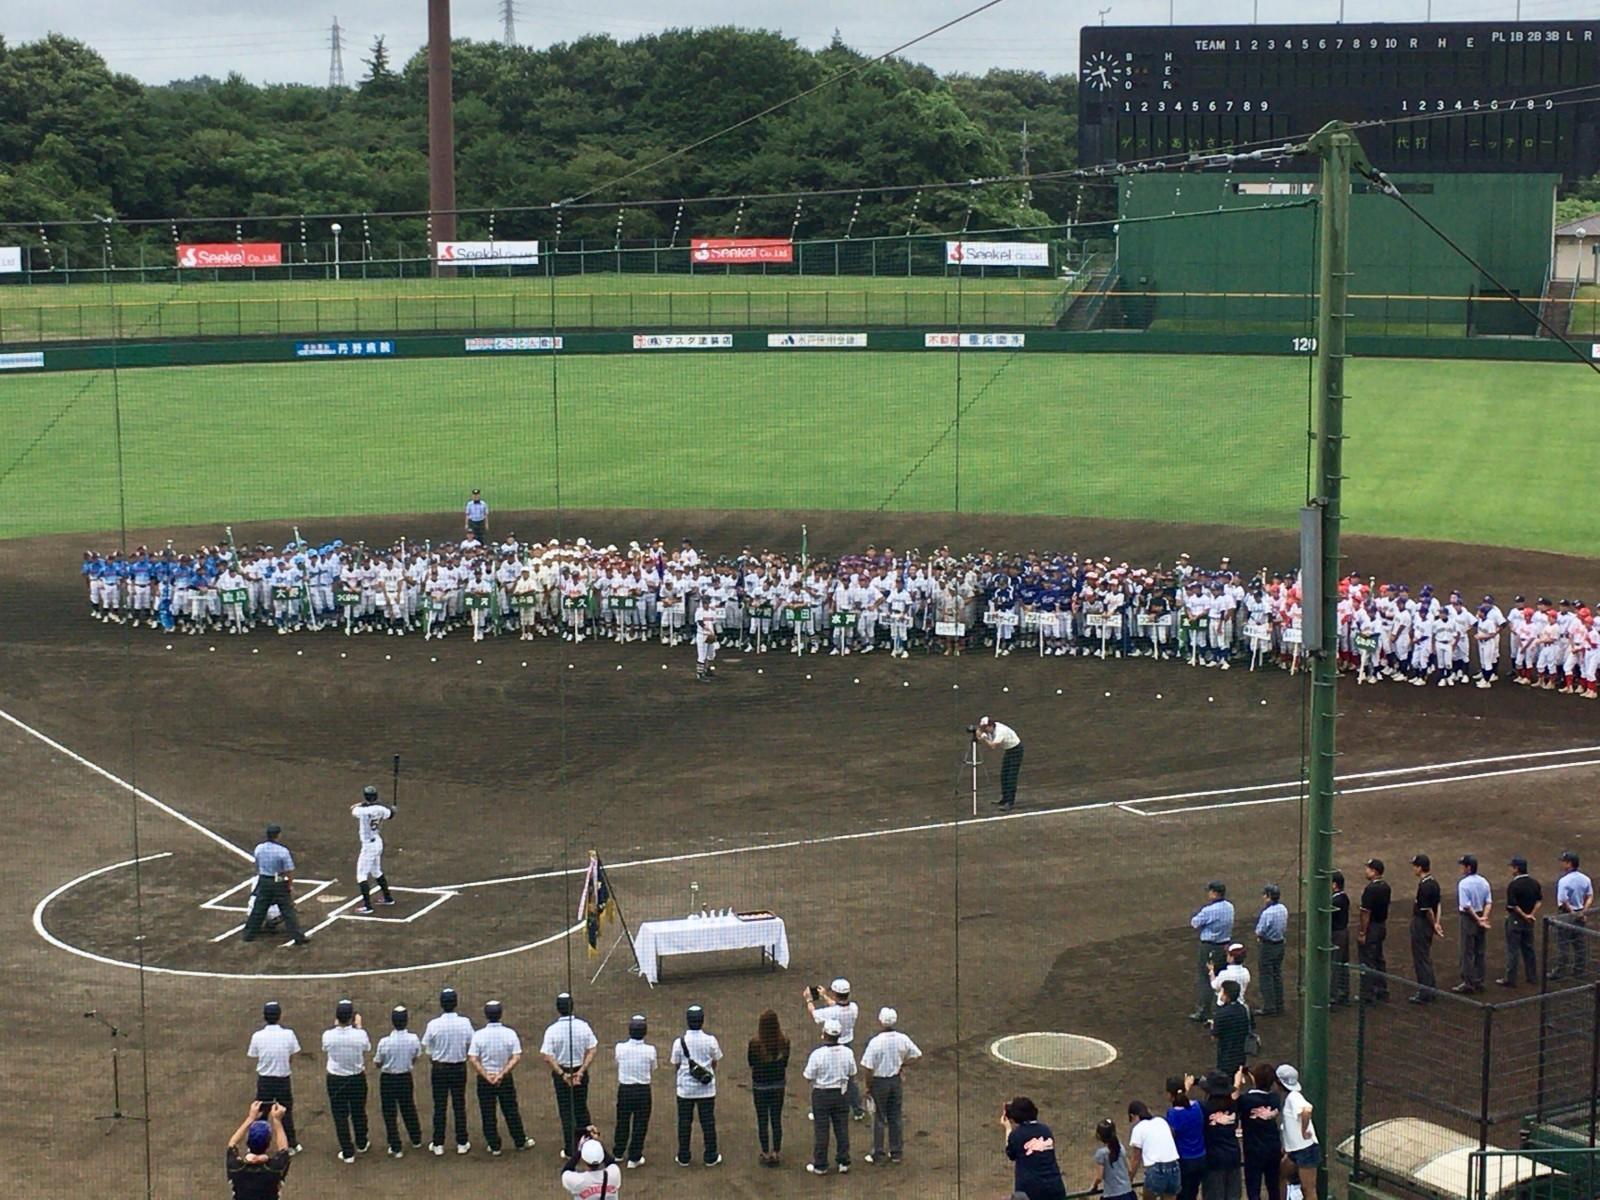 2017.07.29 第9回シーケルベースボールクラシック2017 開会式02